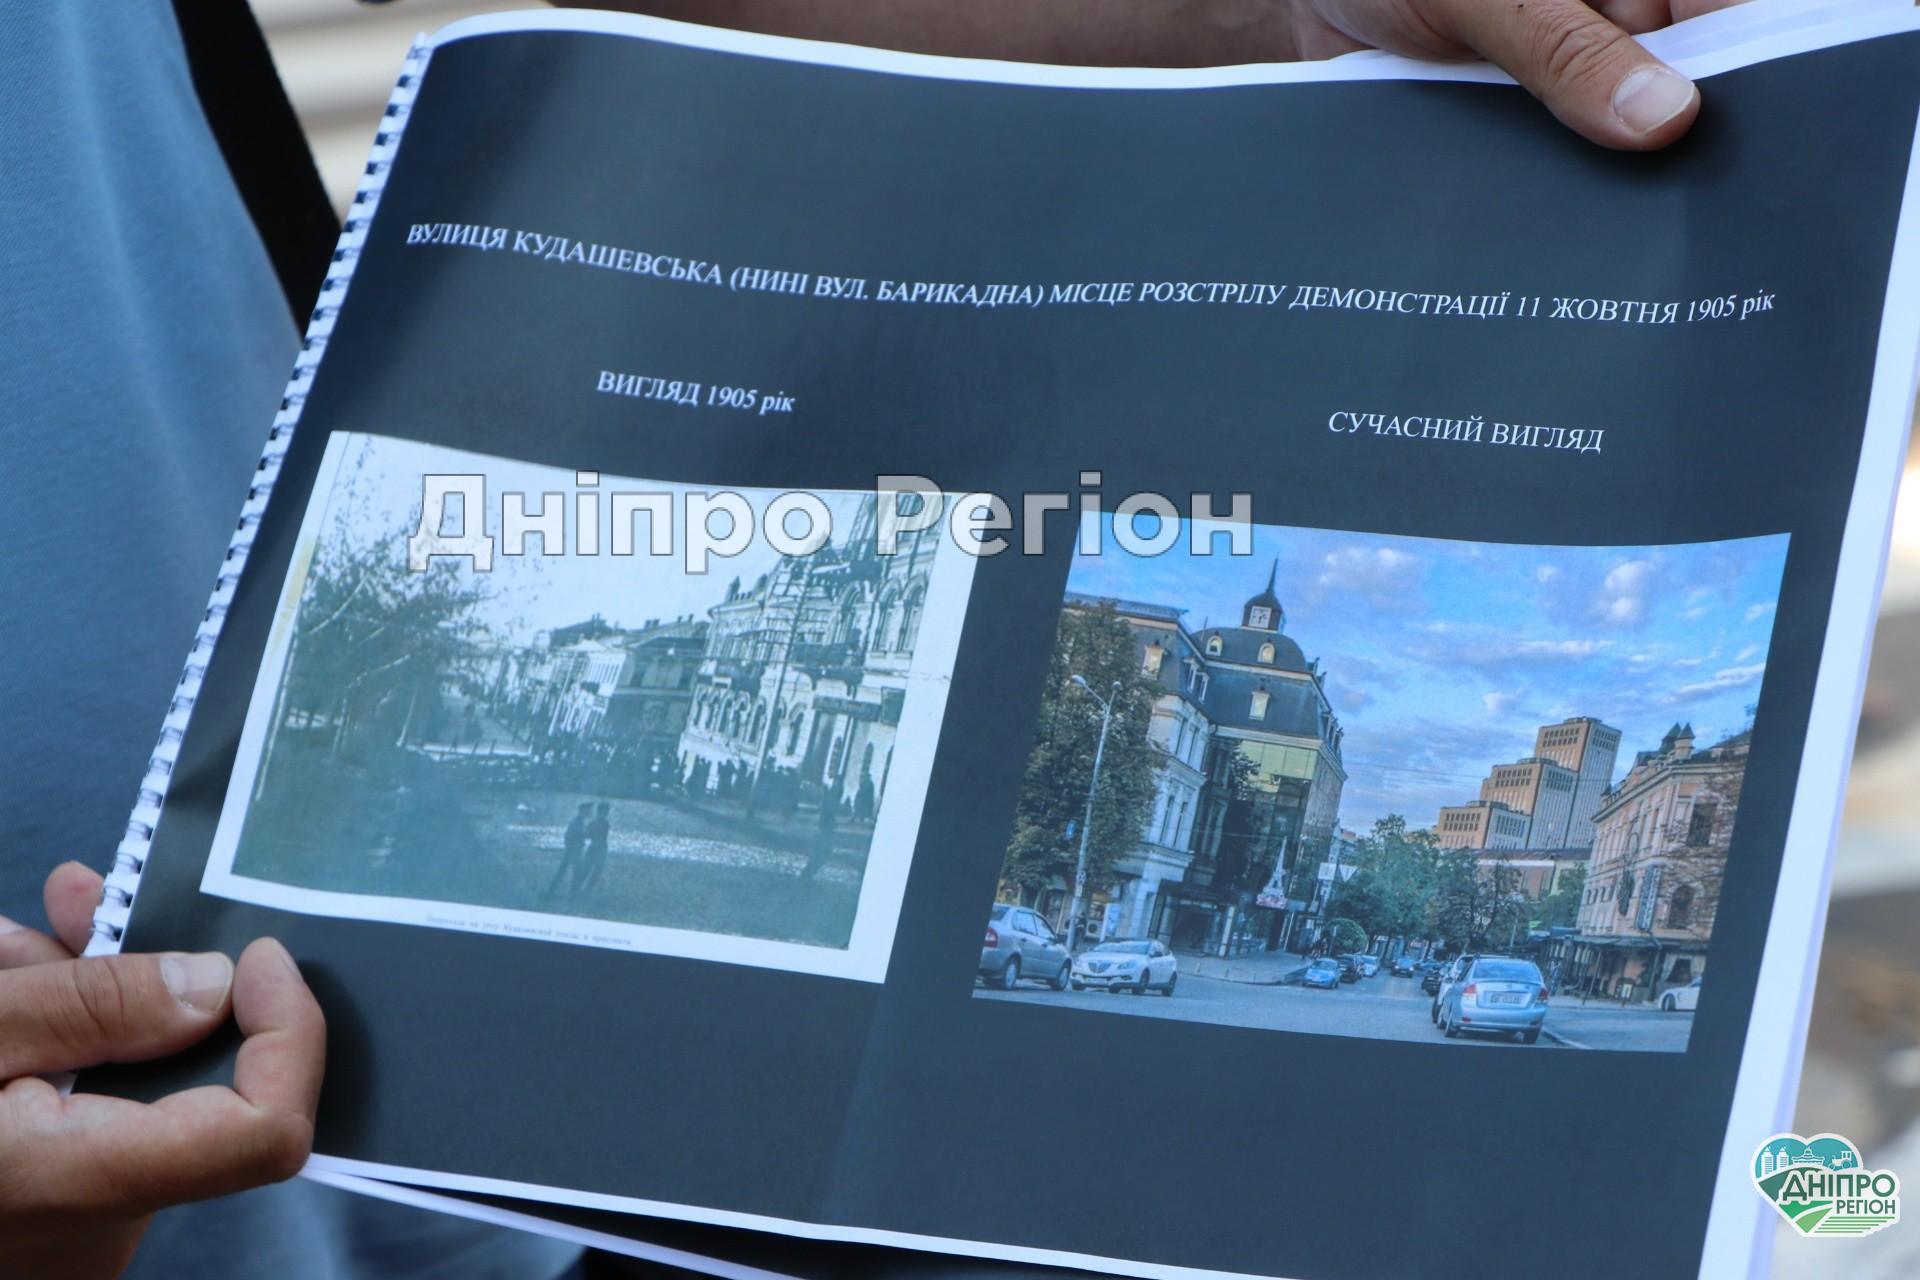 Криваві місця Катеринослава – Дніпропетровська: у Дніпрі презентували екскурсійний проєкт